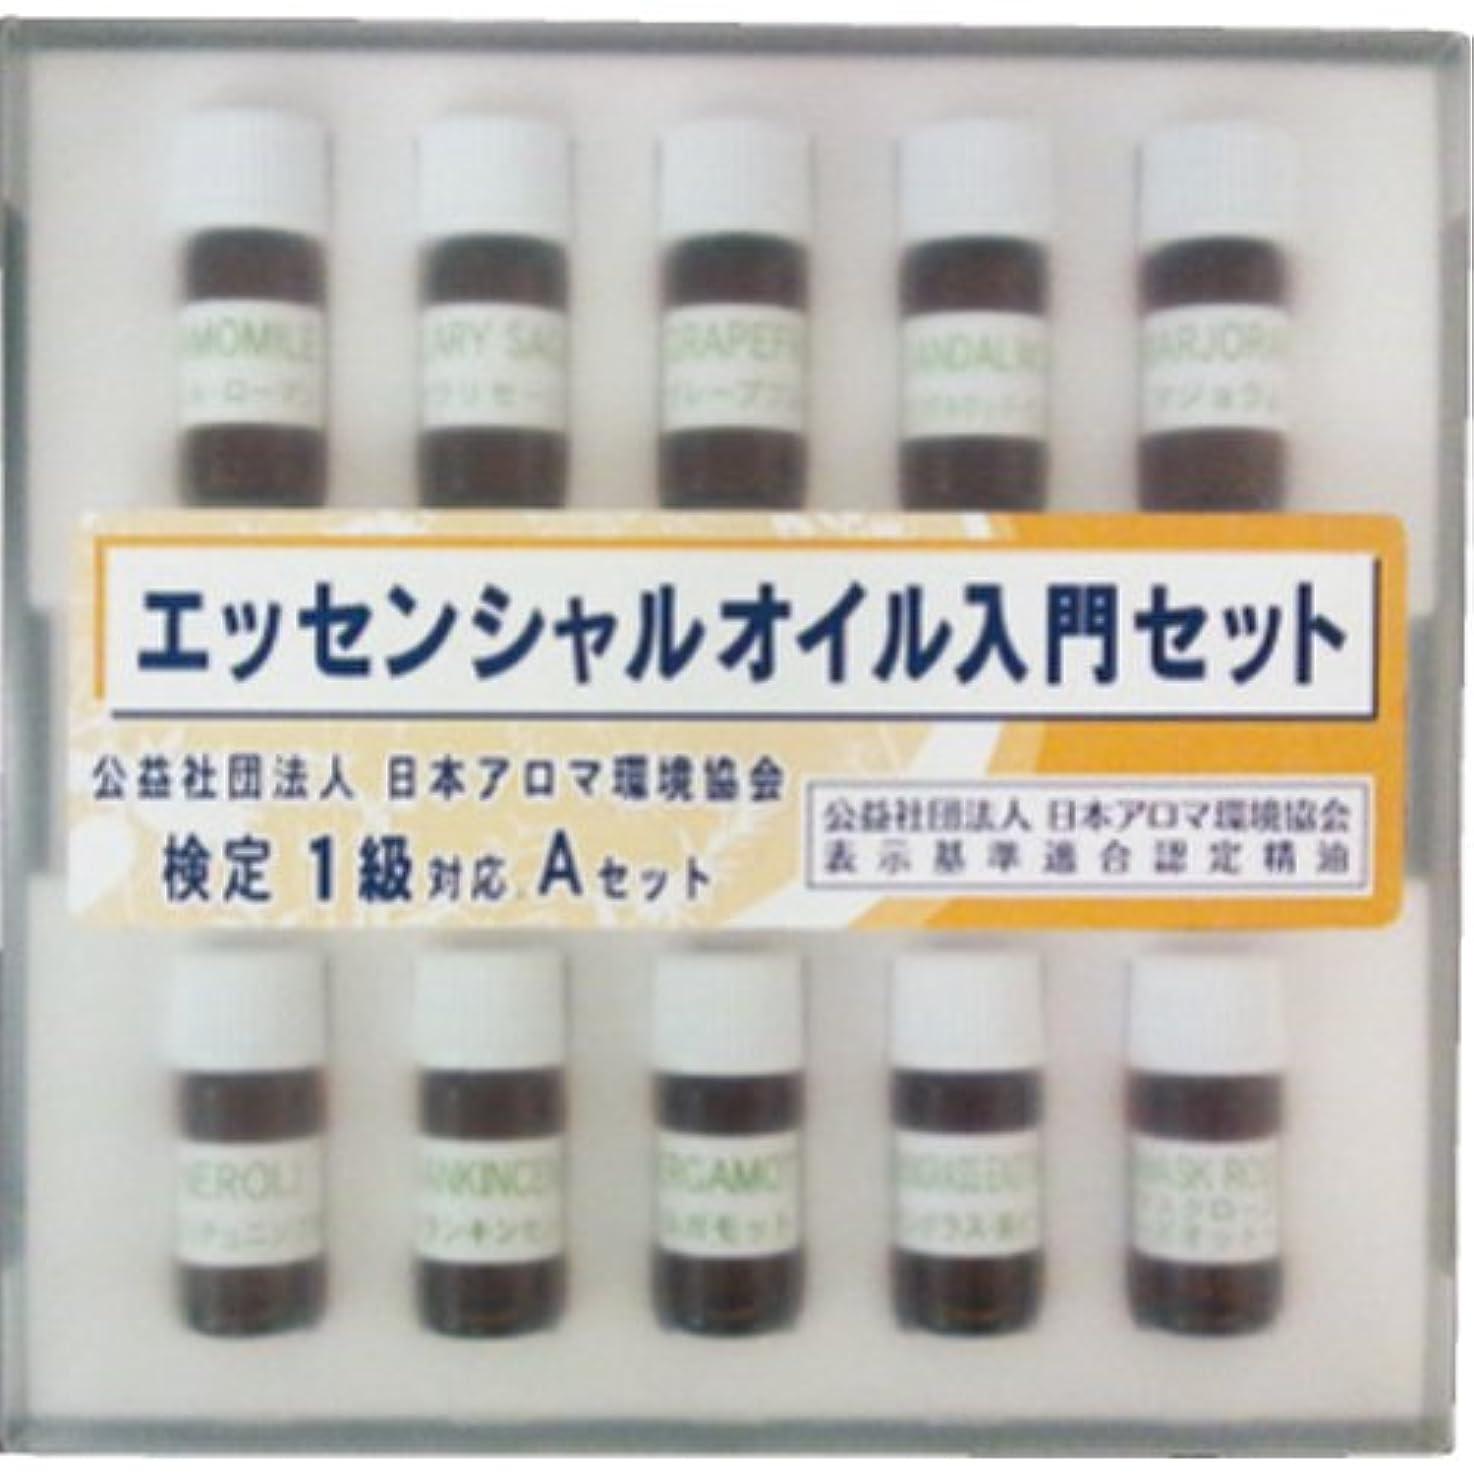 生活の木 (公社)日本アロマ環境協会資格試験対応セット 検定1級対応Aセット